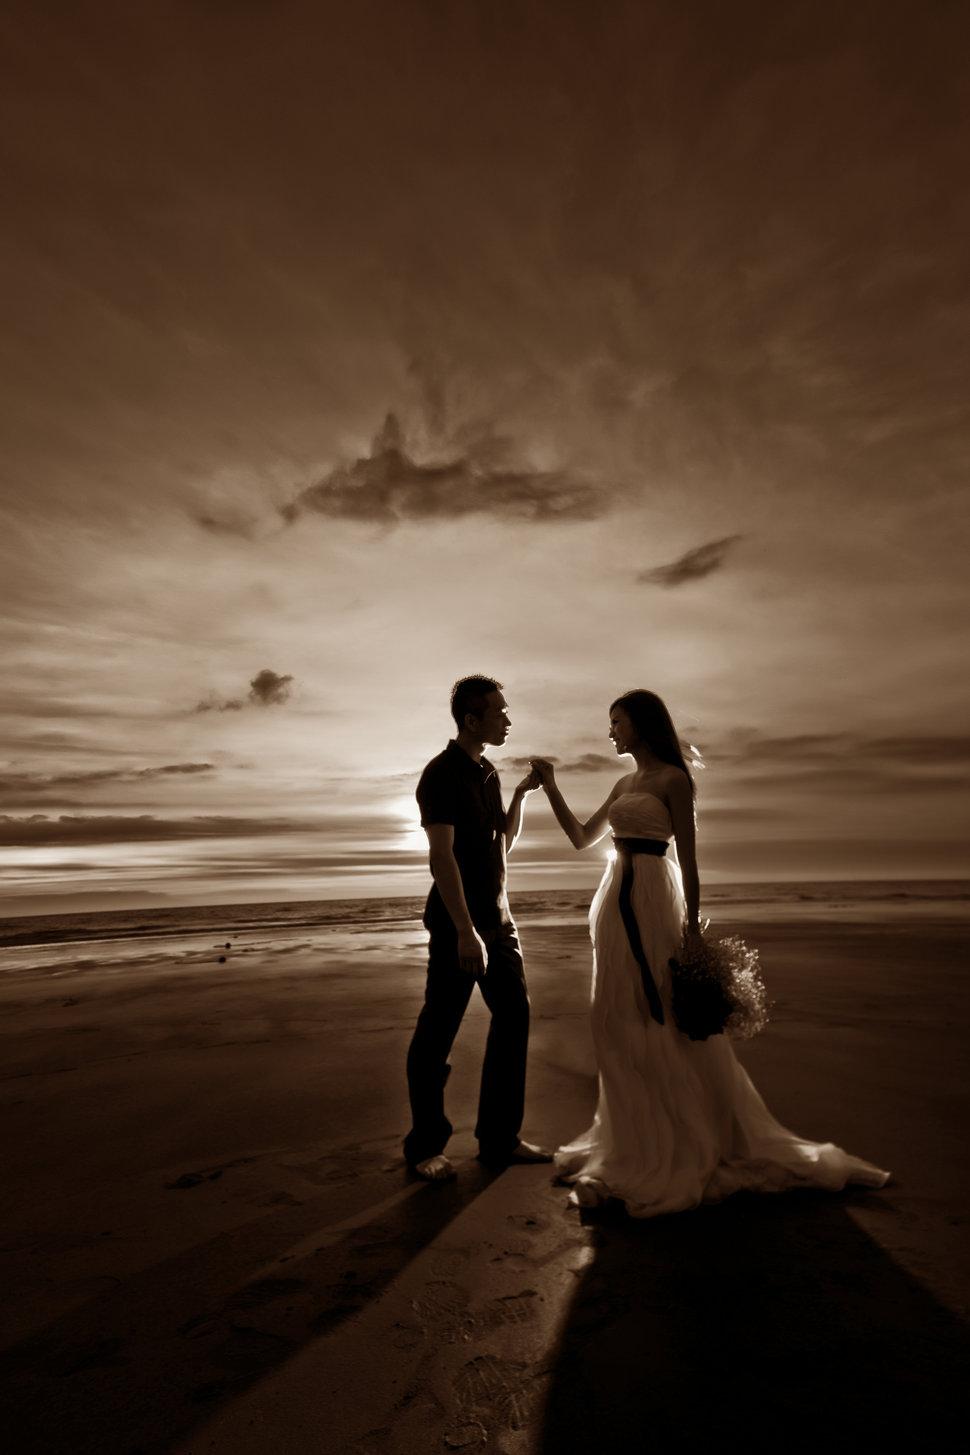 殷sir100 (2) - 台中2號出口婚紗攝影工作室 - 結婚吧